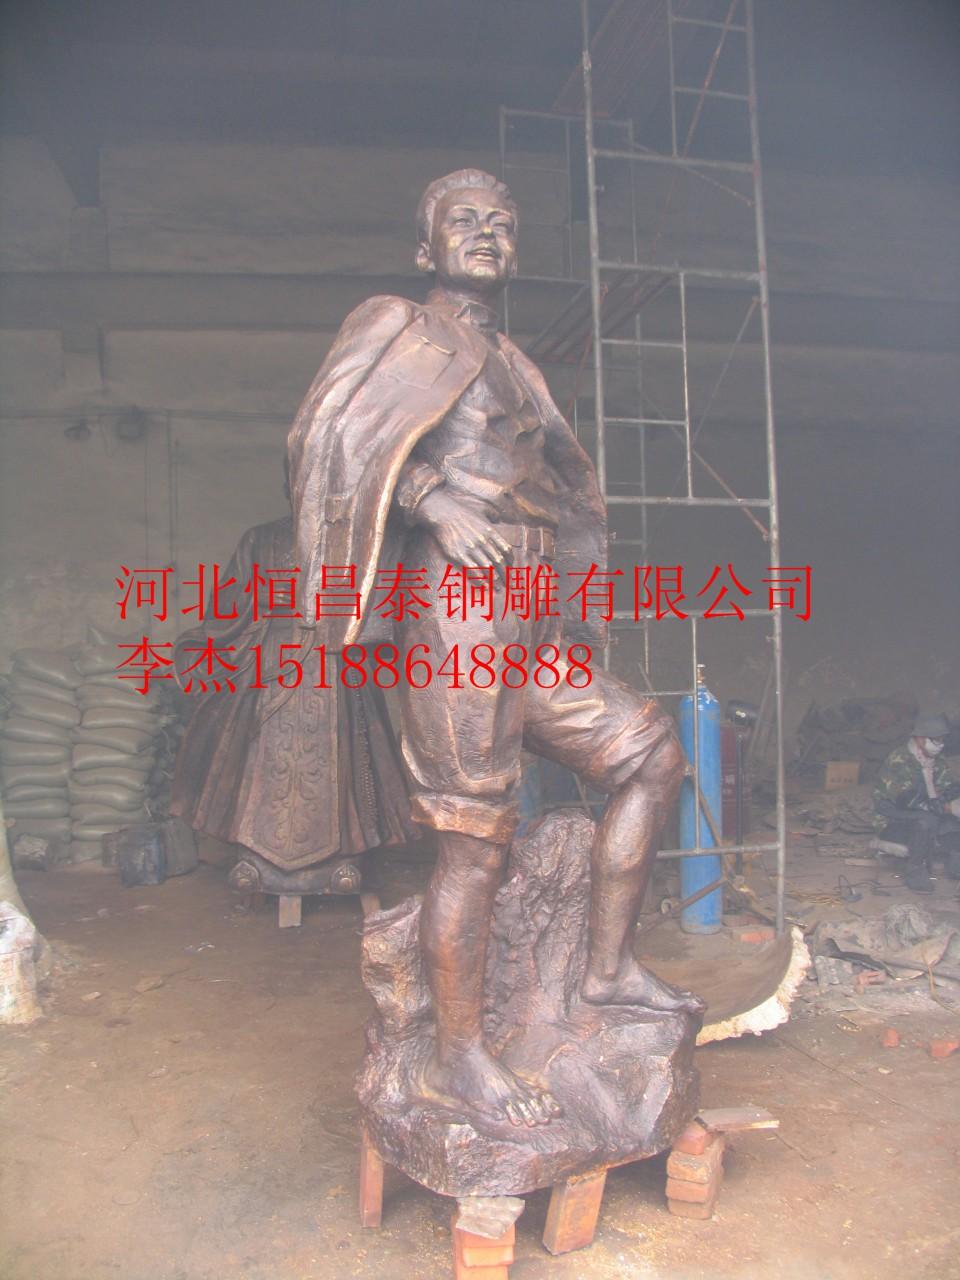 名人雕塑价格,铜雕伟人加工,人物雕塑